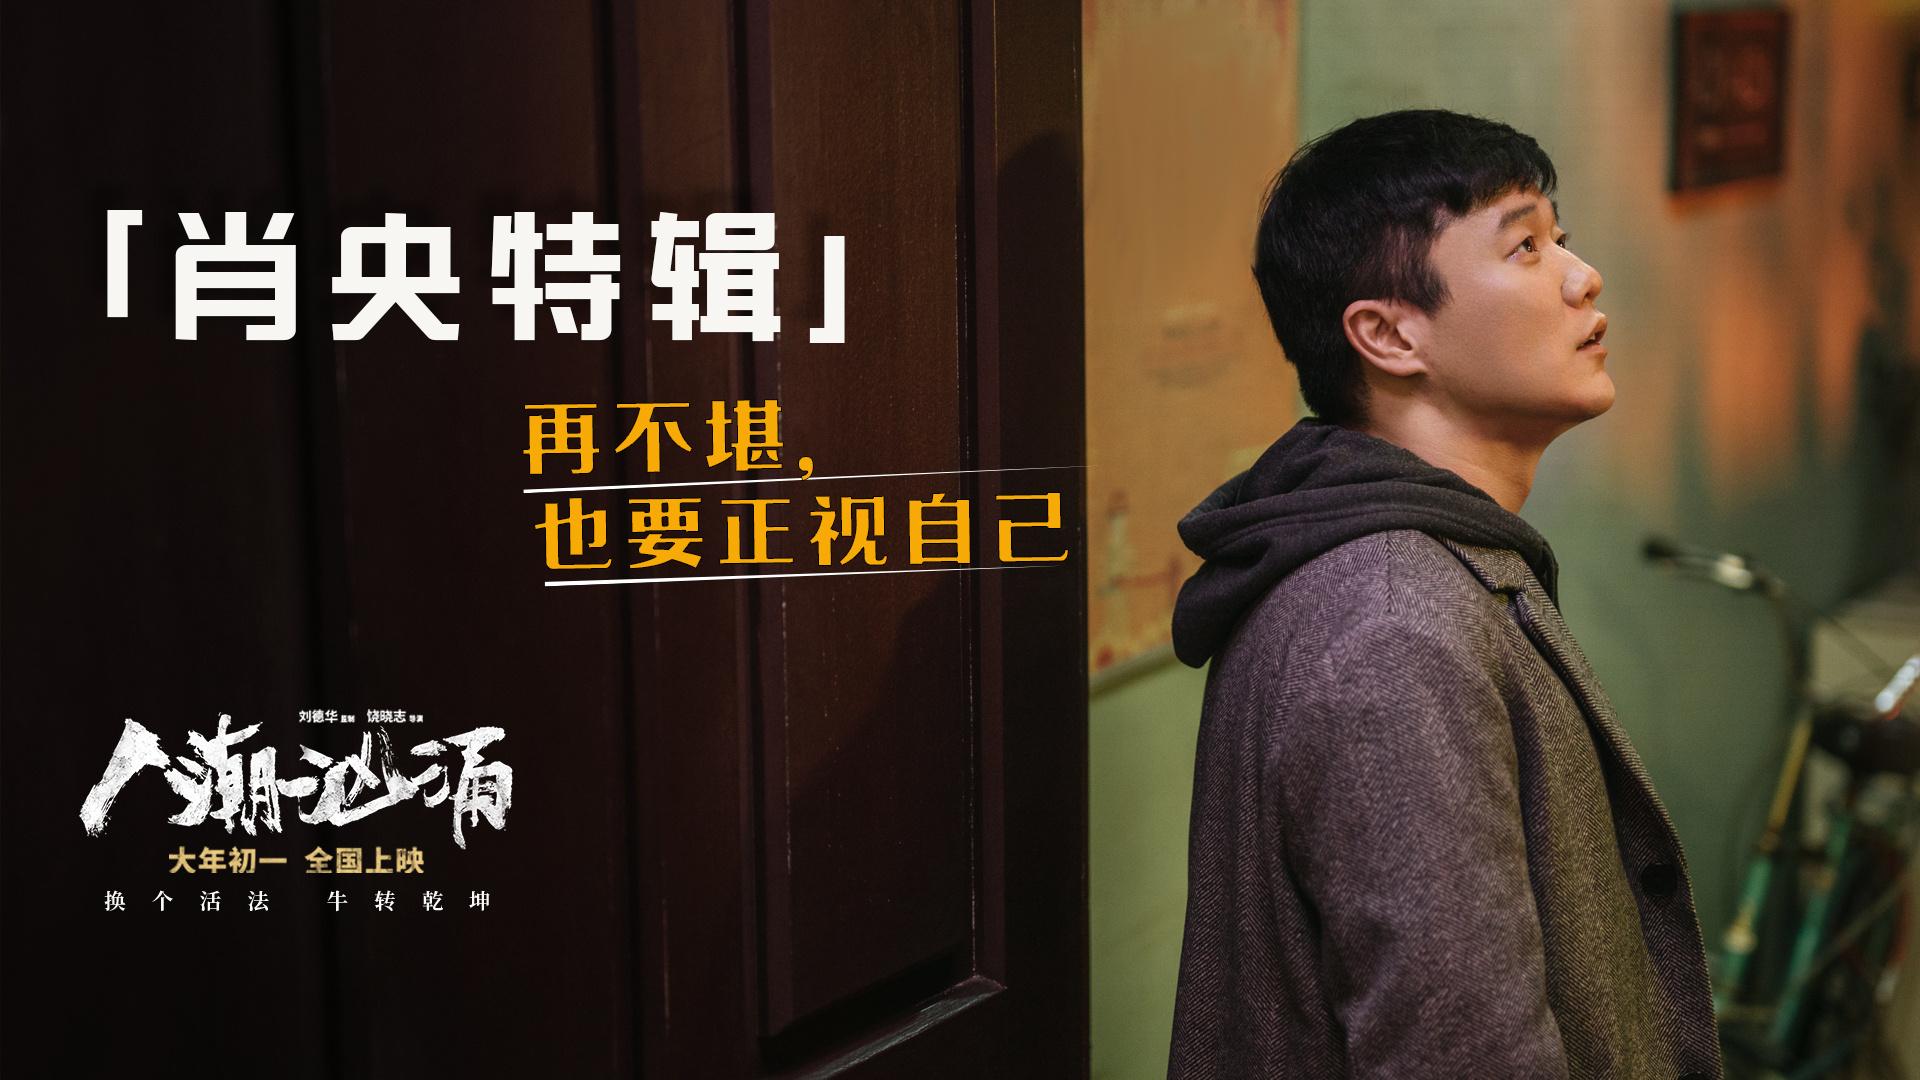 《人潮汹涌》曝光肖恩特别和刘德华拼演被打耳光